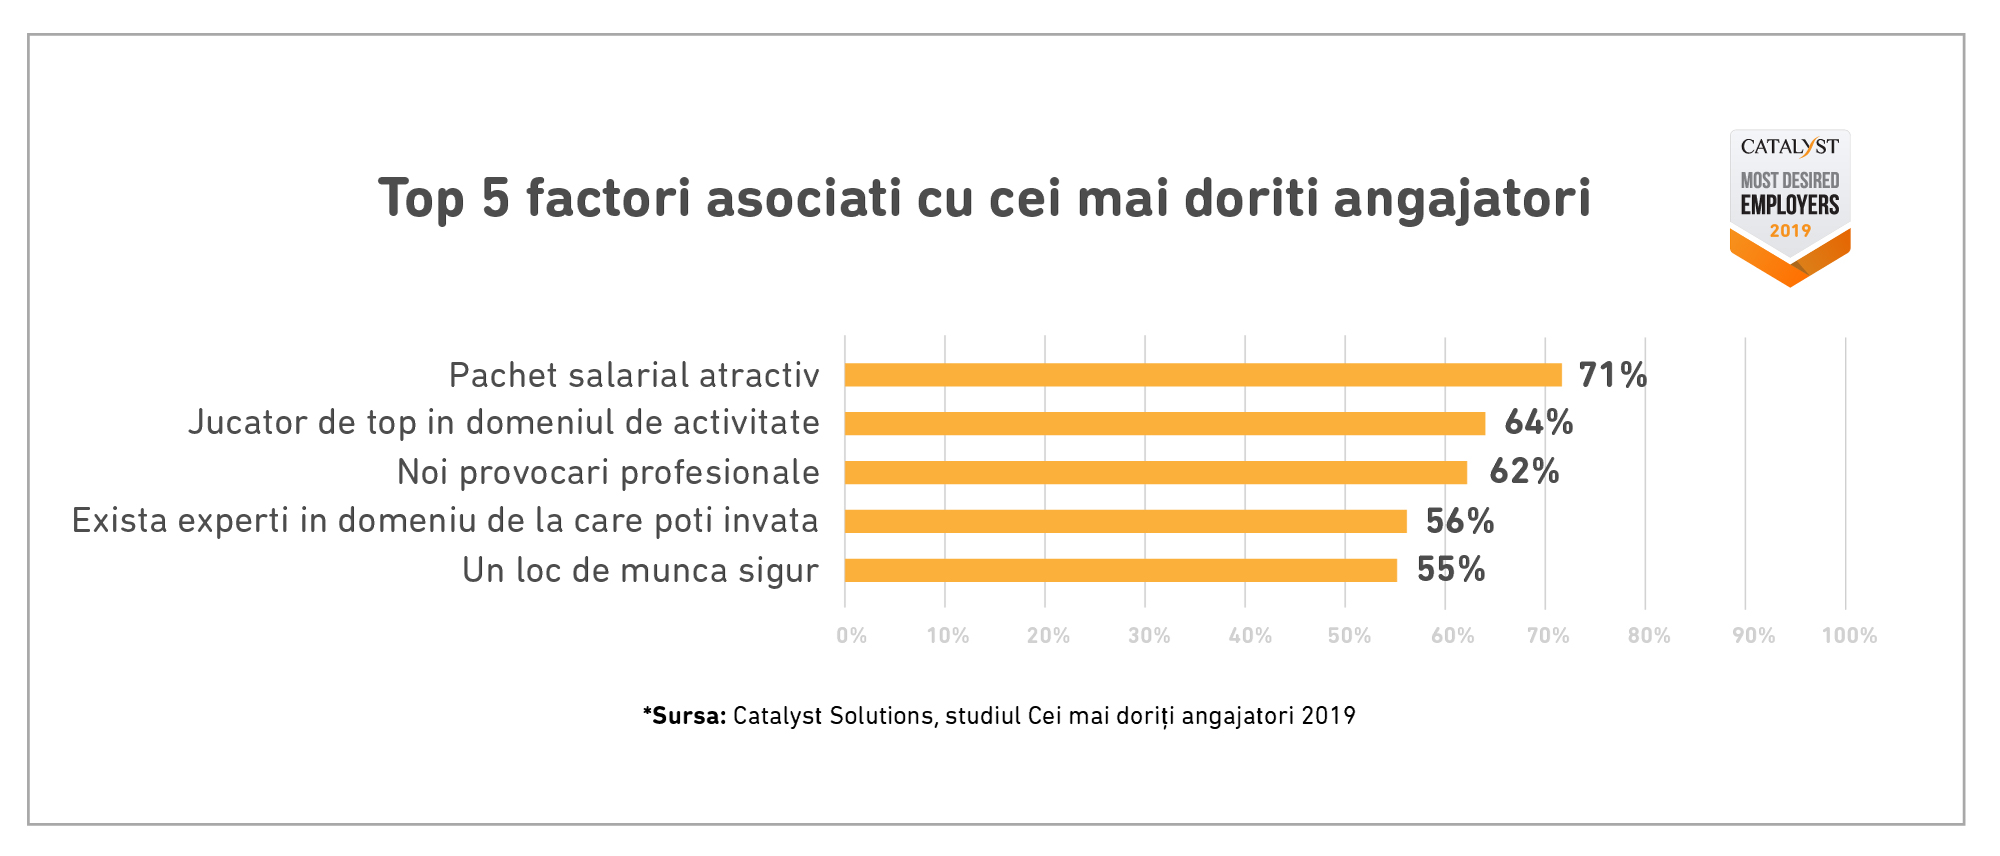 Top-5-factori-asociati-cu-cei-mai-doriti-angajatori